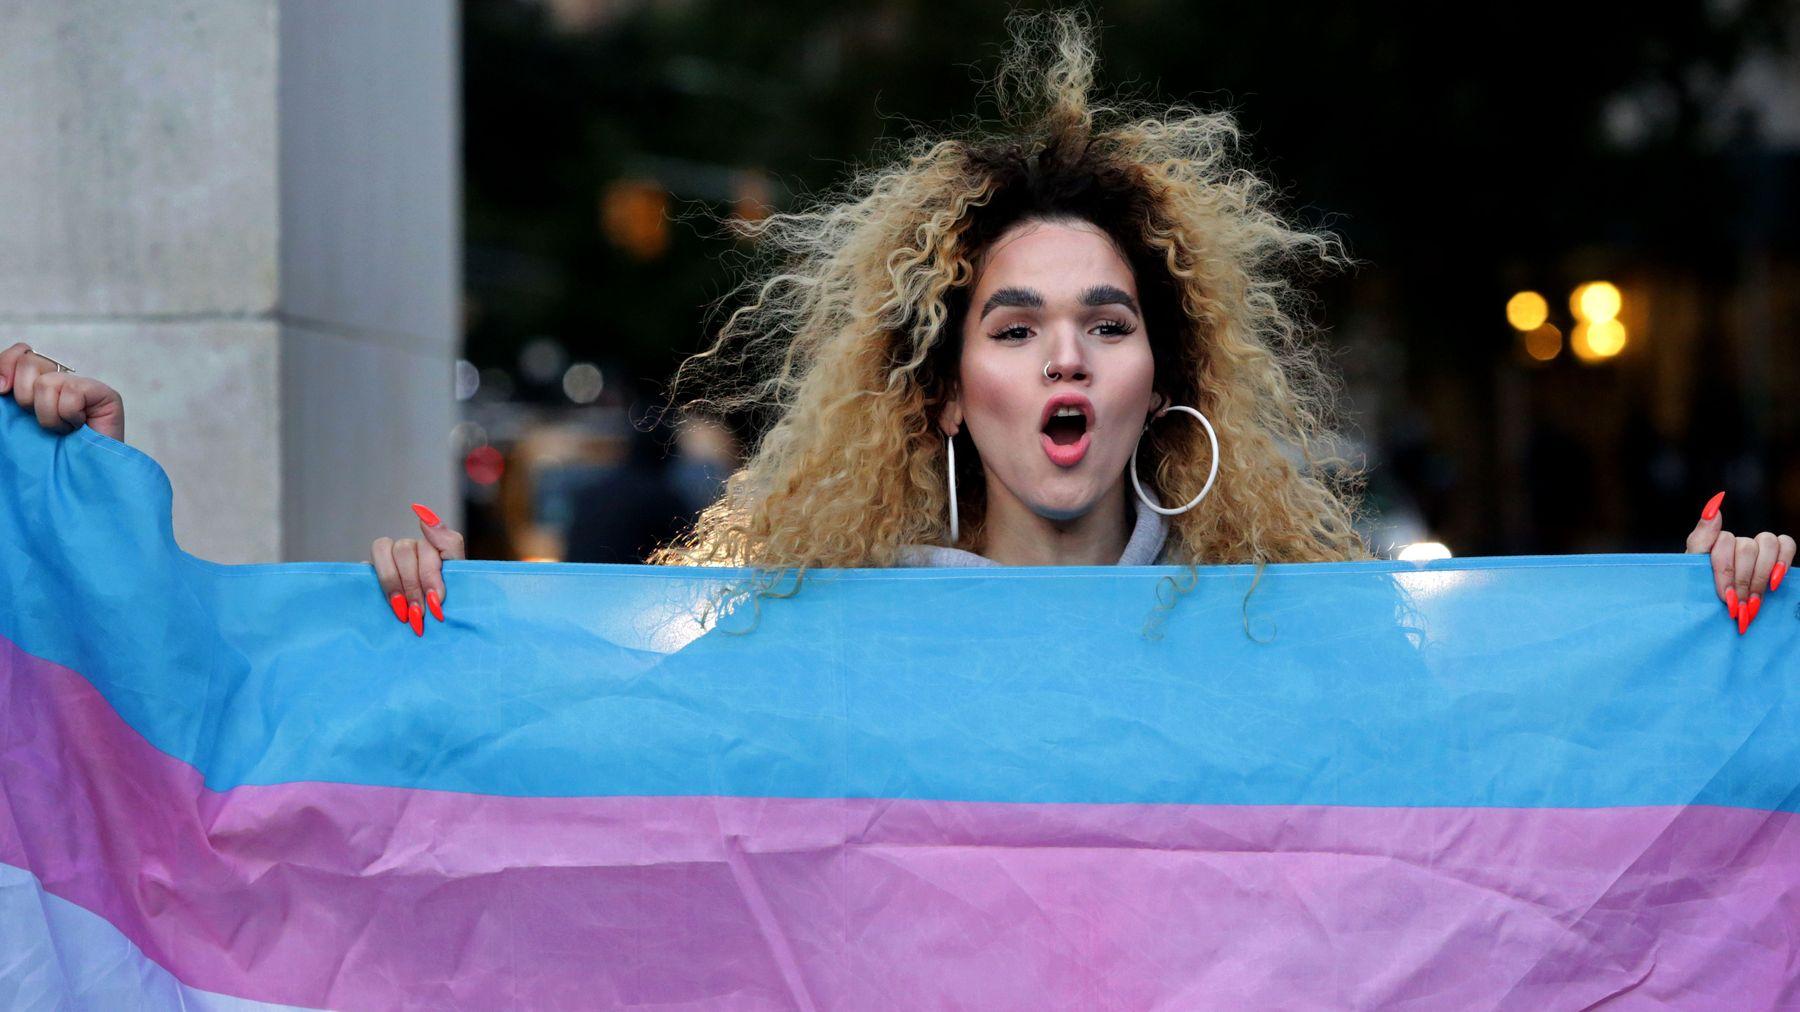 MÜTHİŞ HABER: Dünya Sağlık Örgütü Transseksüelliği Akıl Hastalıkları Listesinden Çıkardı!